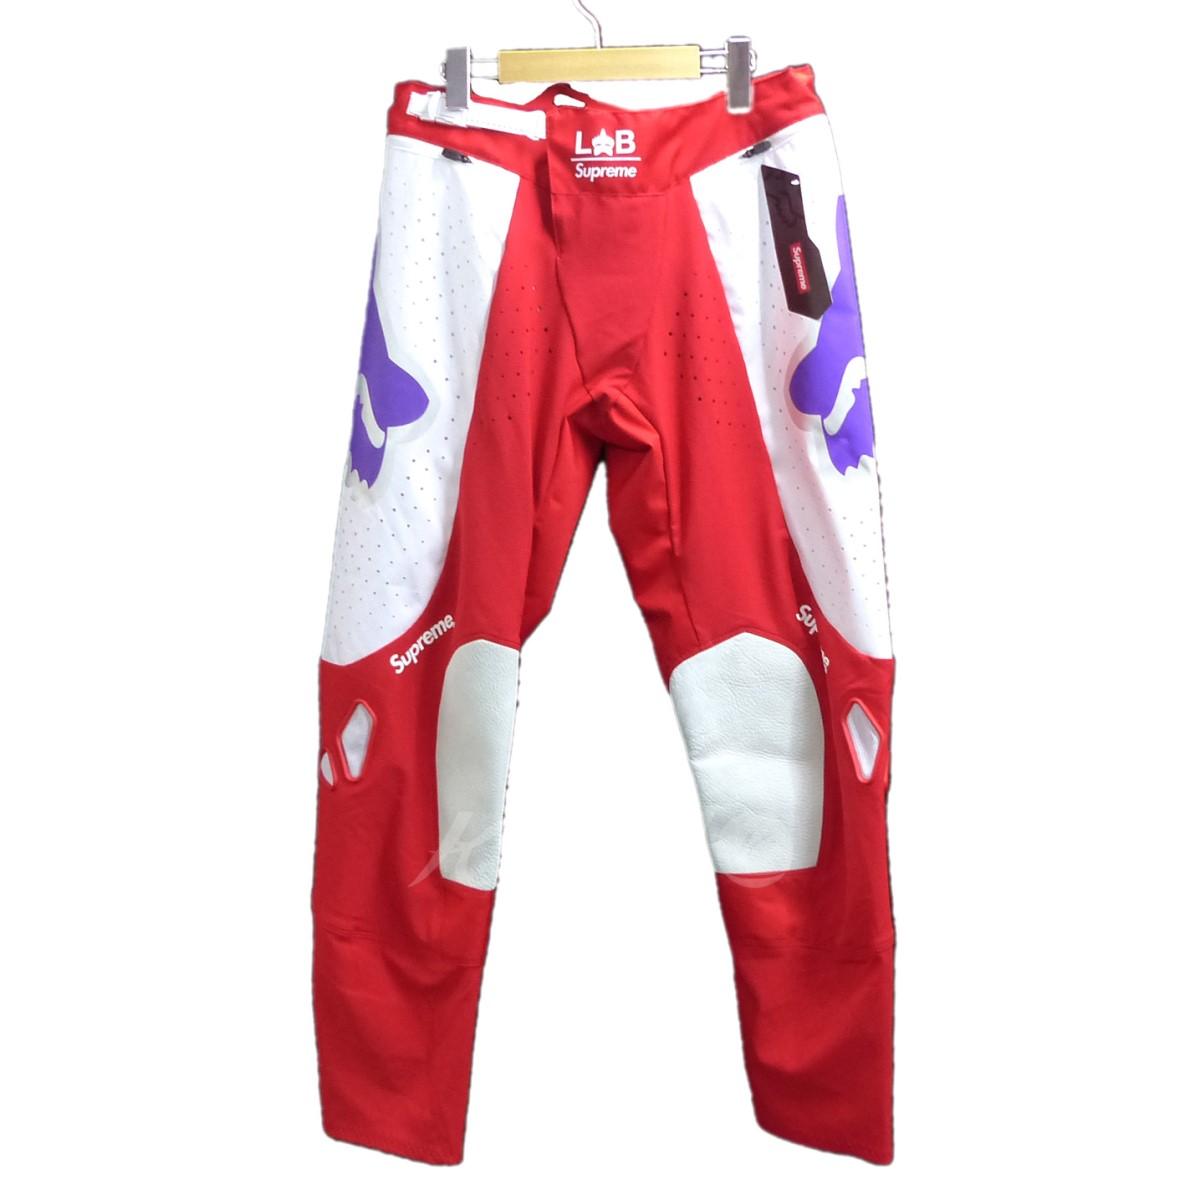 【中古】SUPREME 2018SS Fox Racing Pant レッド サイズ:S 【送料無料】 【100718】(シュプリーム)